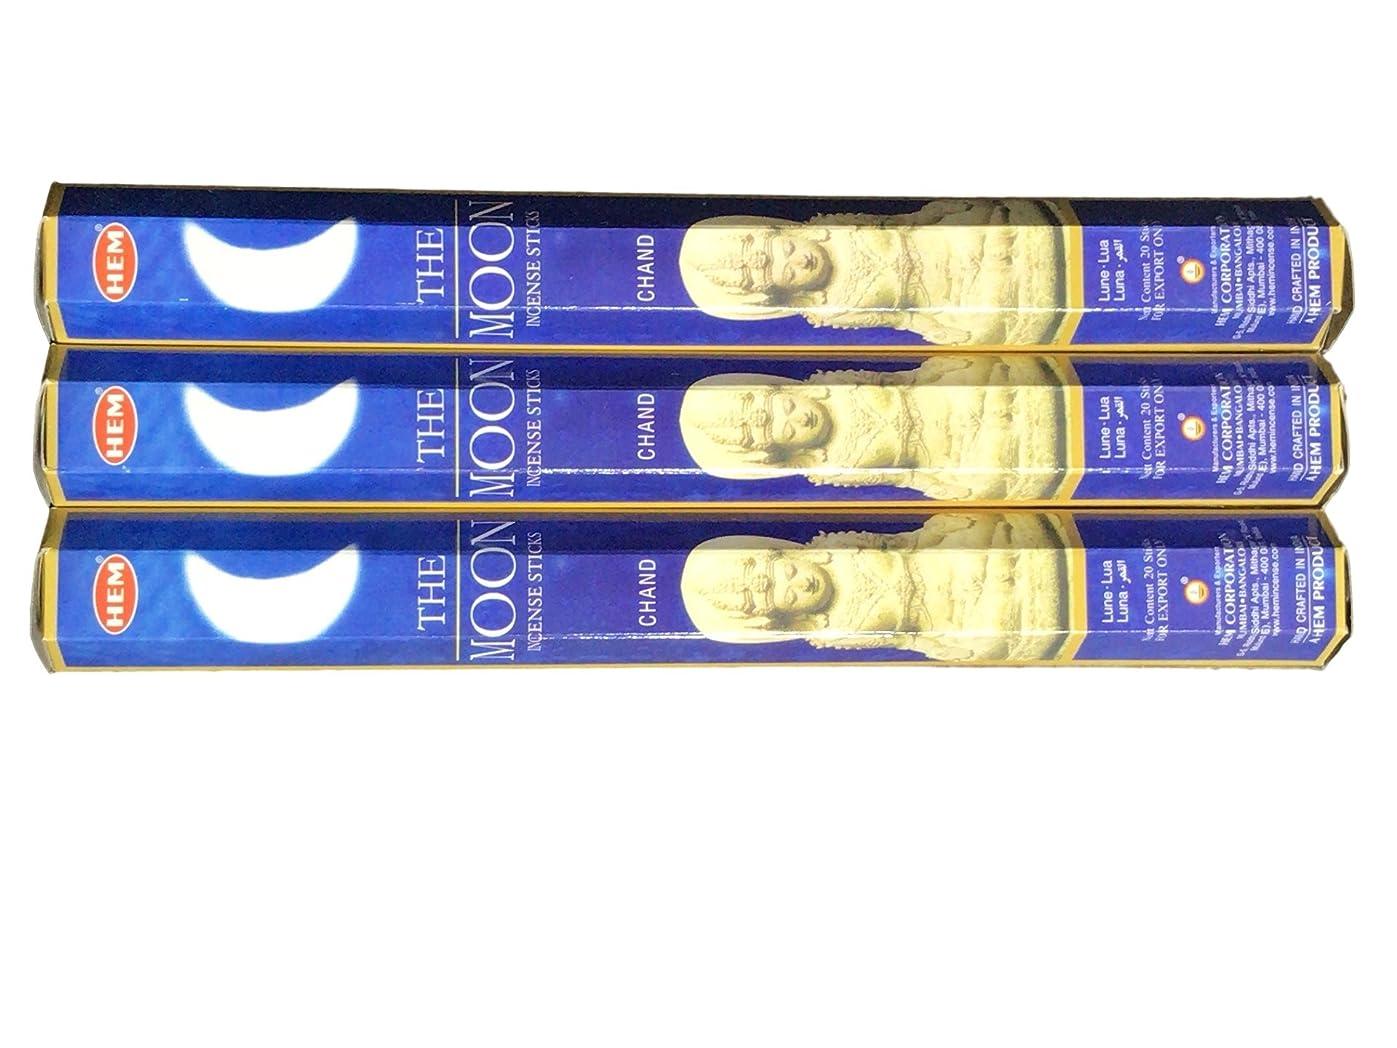 高価なバング含意HEM ヘム ムーン MOON ステック お香 3箱